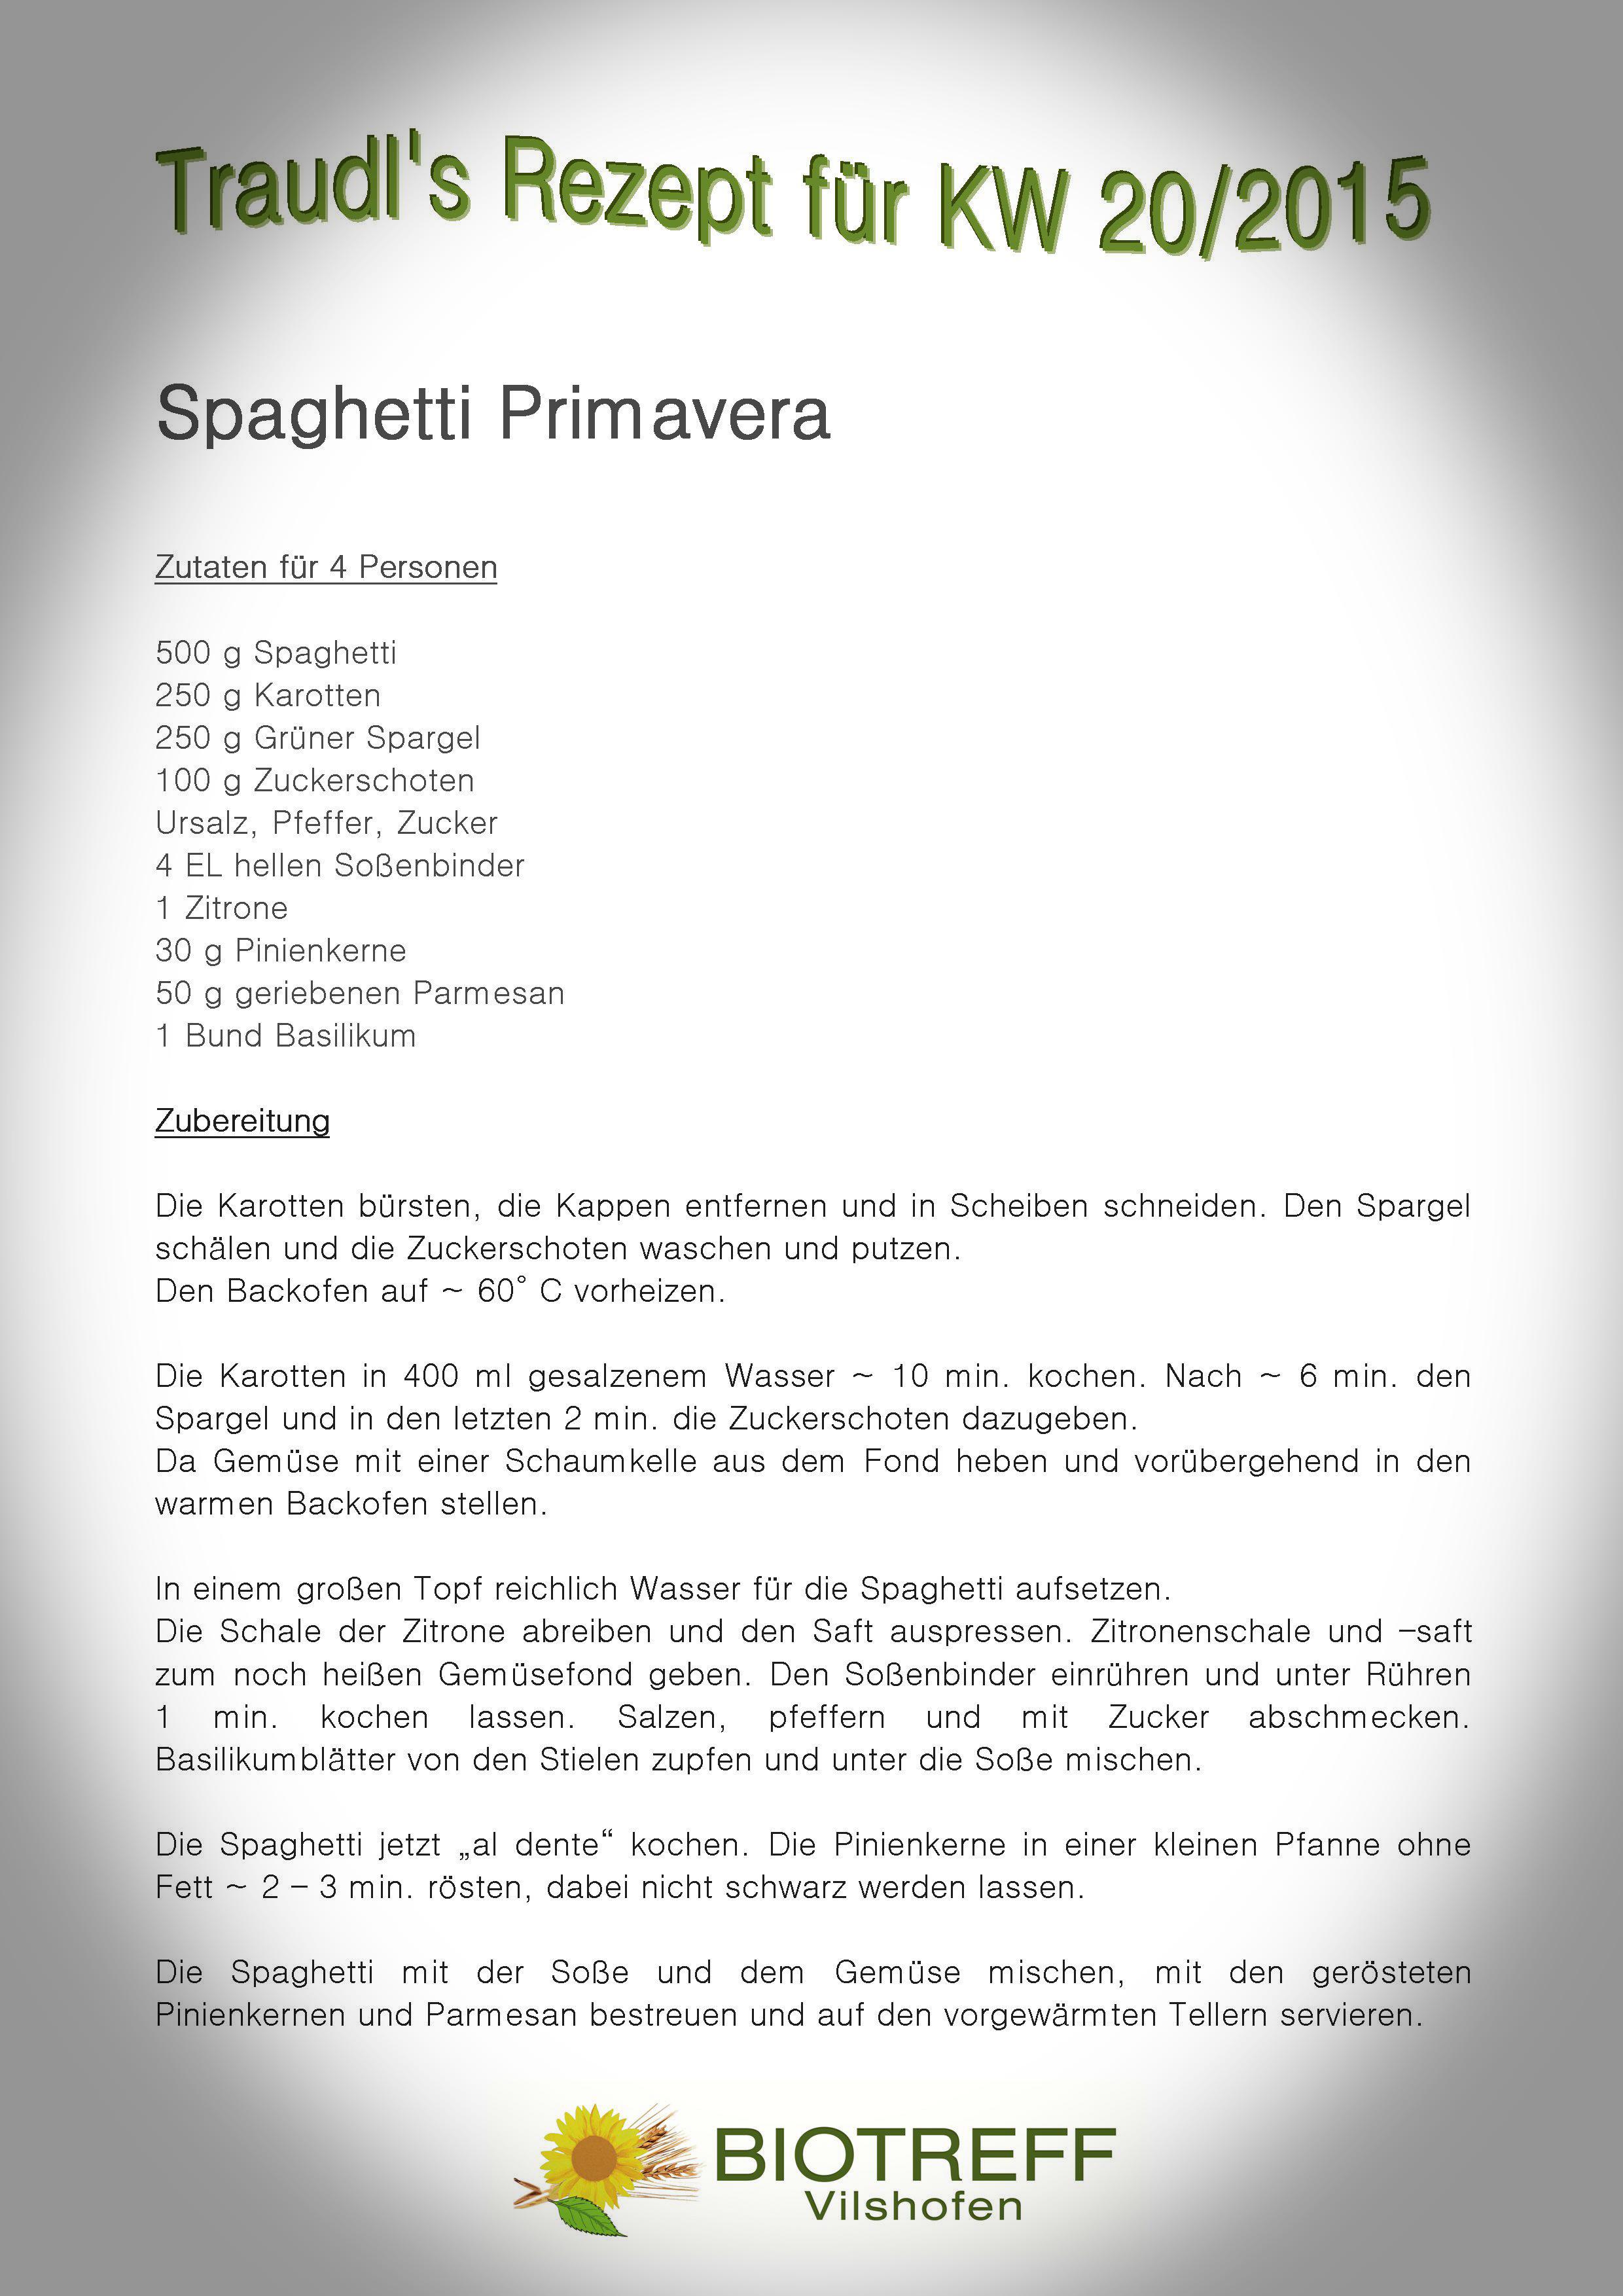 KW 20 Spaghetti Primavera